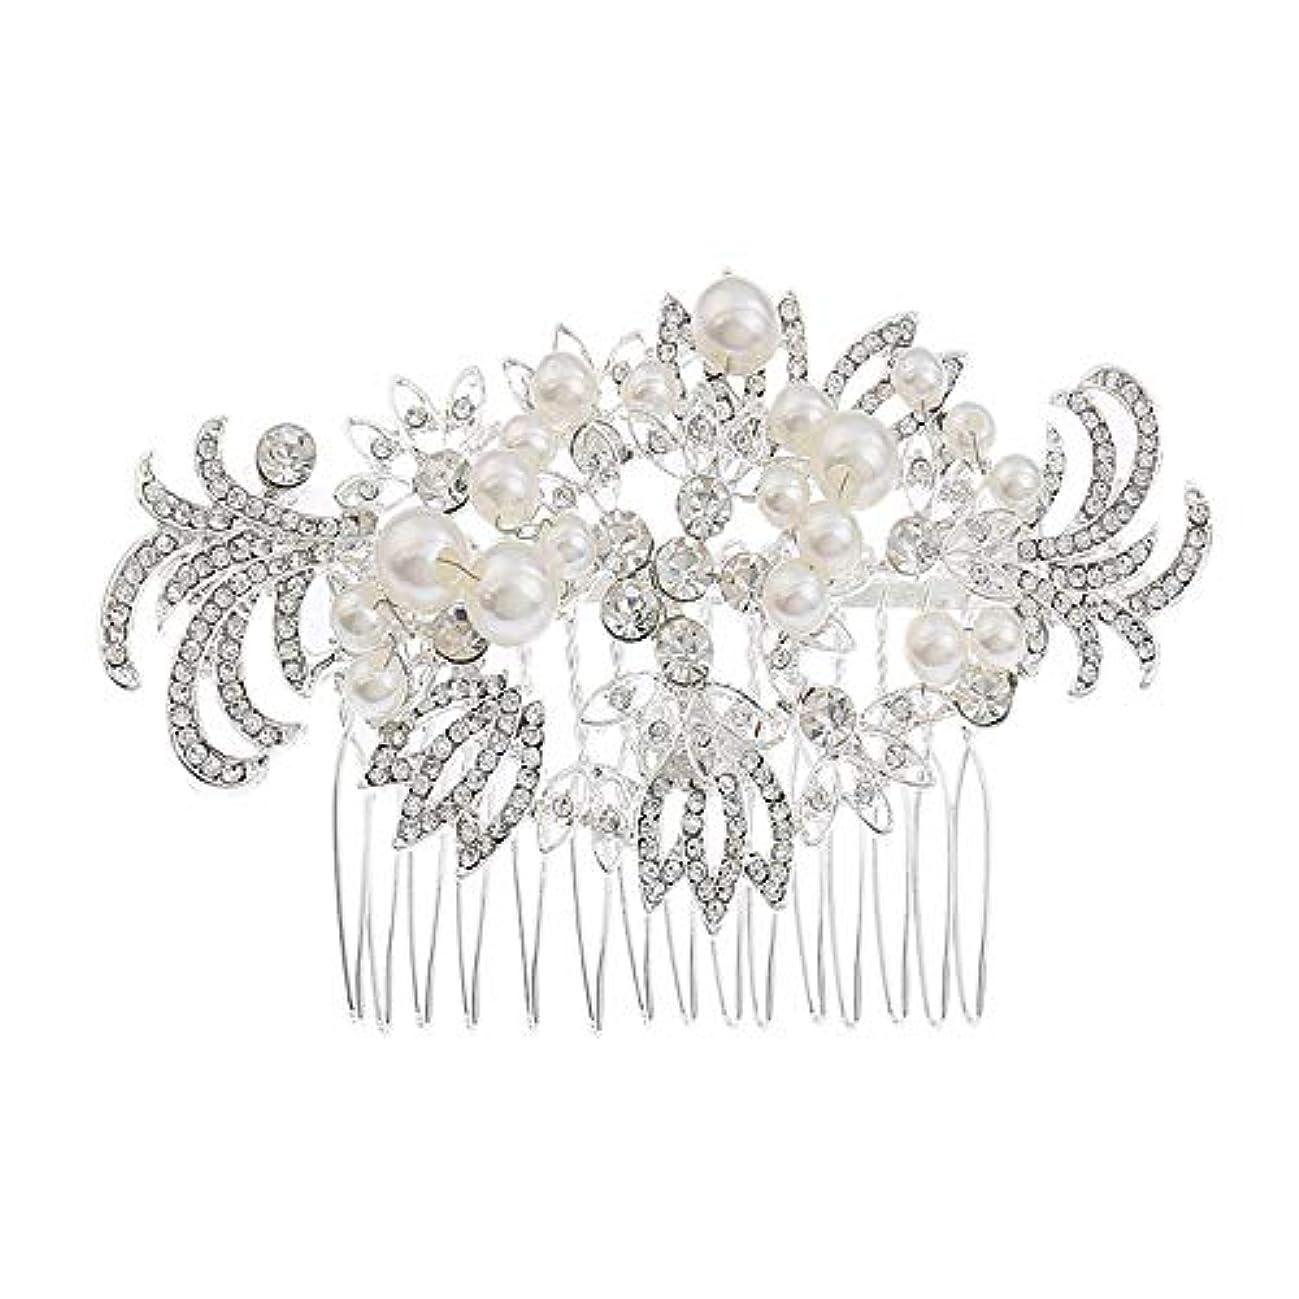 セットするラベンダー衝突コース髪の櫛挿入櫛花嫁の髪櫛真珠の髪の櫛ラインストーンの髪の櫛結婚式のヘアアクセサリー合金の帽子ブライダルヘッドドレス